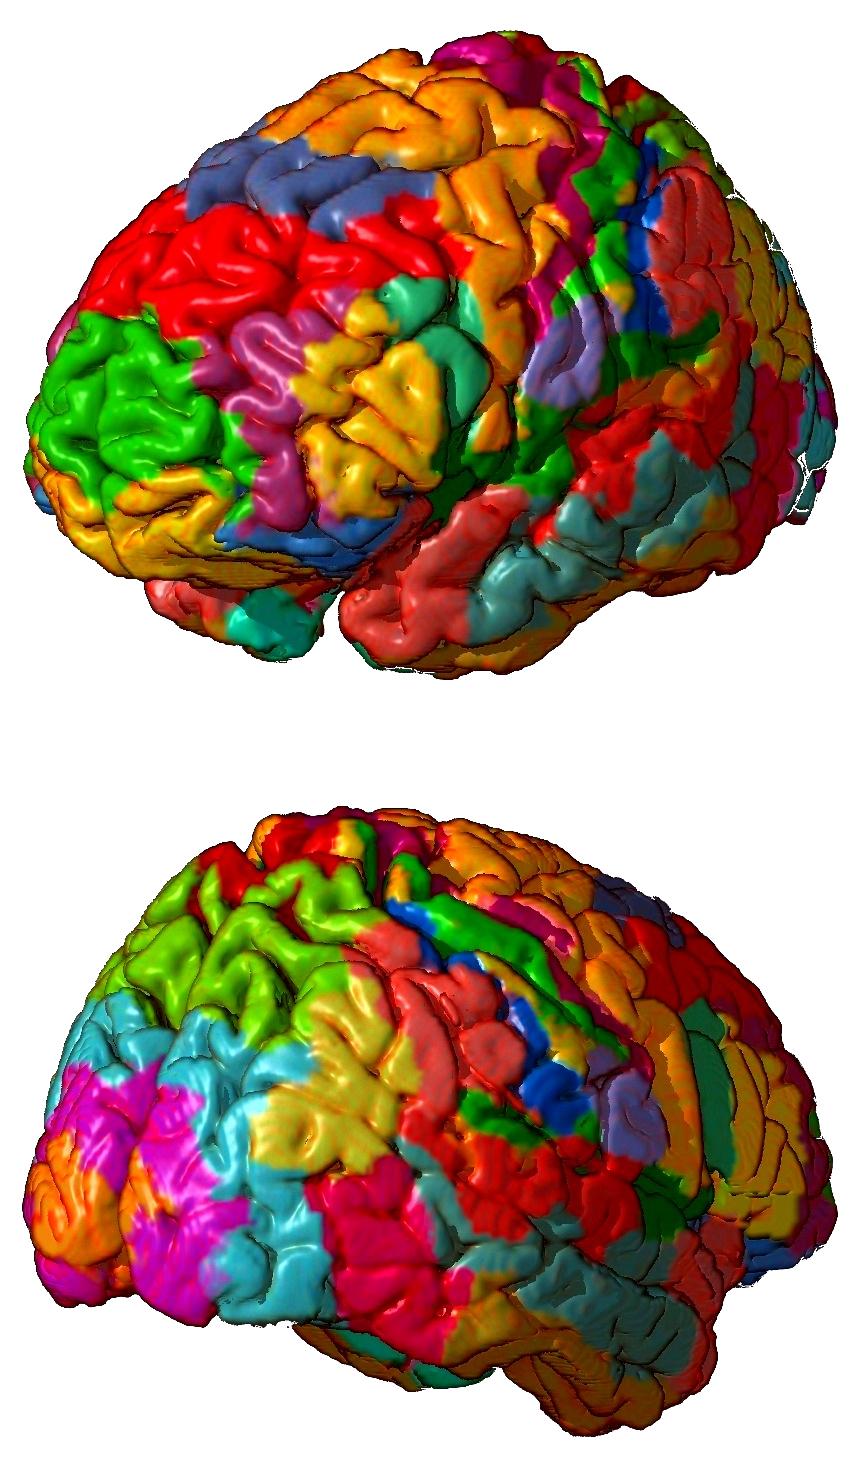 Sistemas nerviosos: el cerebro de vertebrados - Cuaderno de Cultura ...